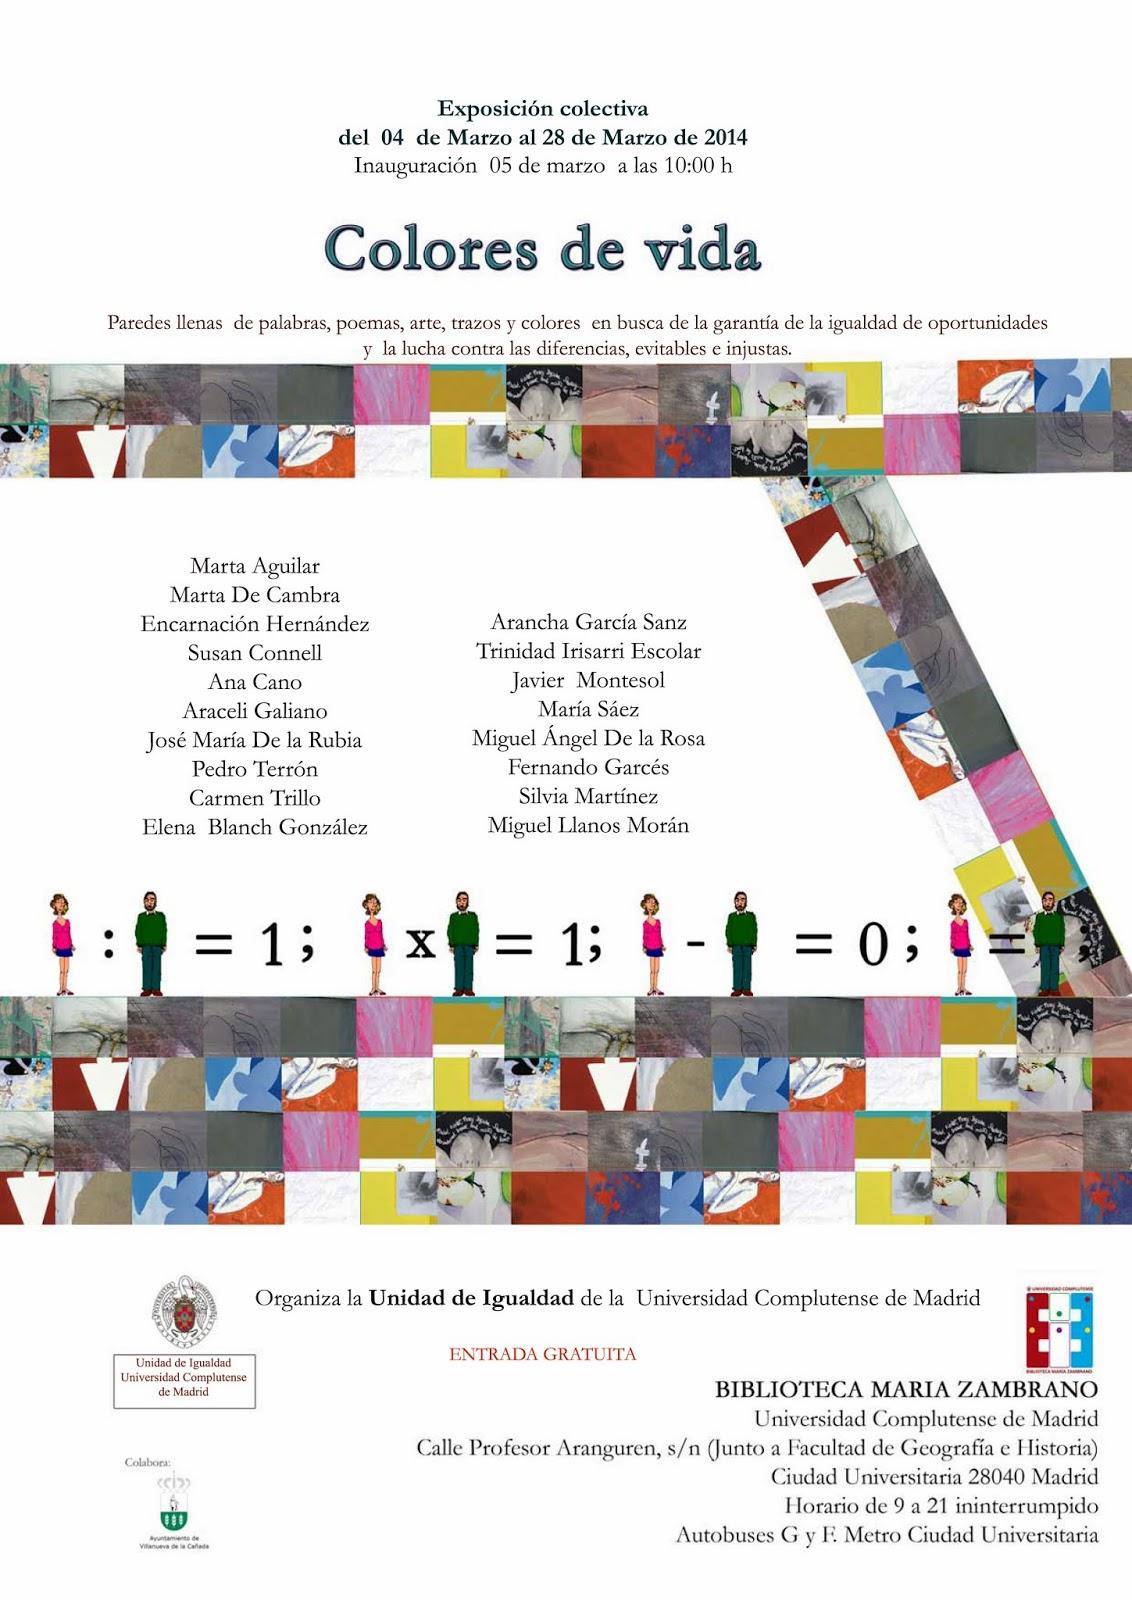 http://www.ucm.es/unidad-de-igualdad